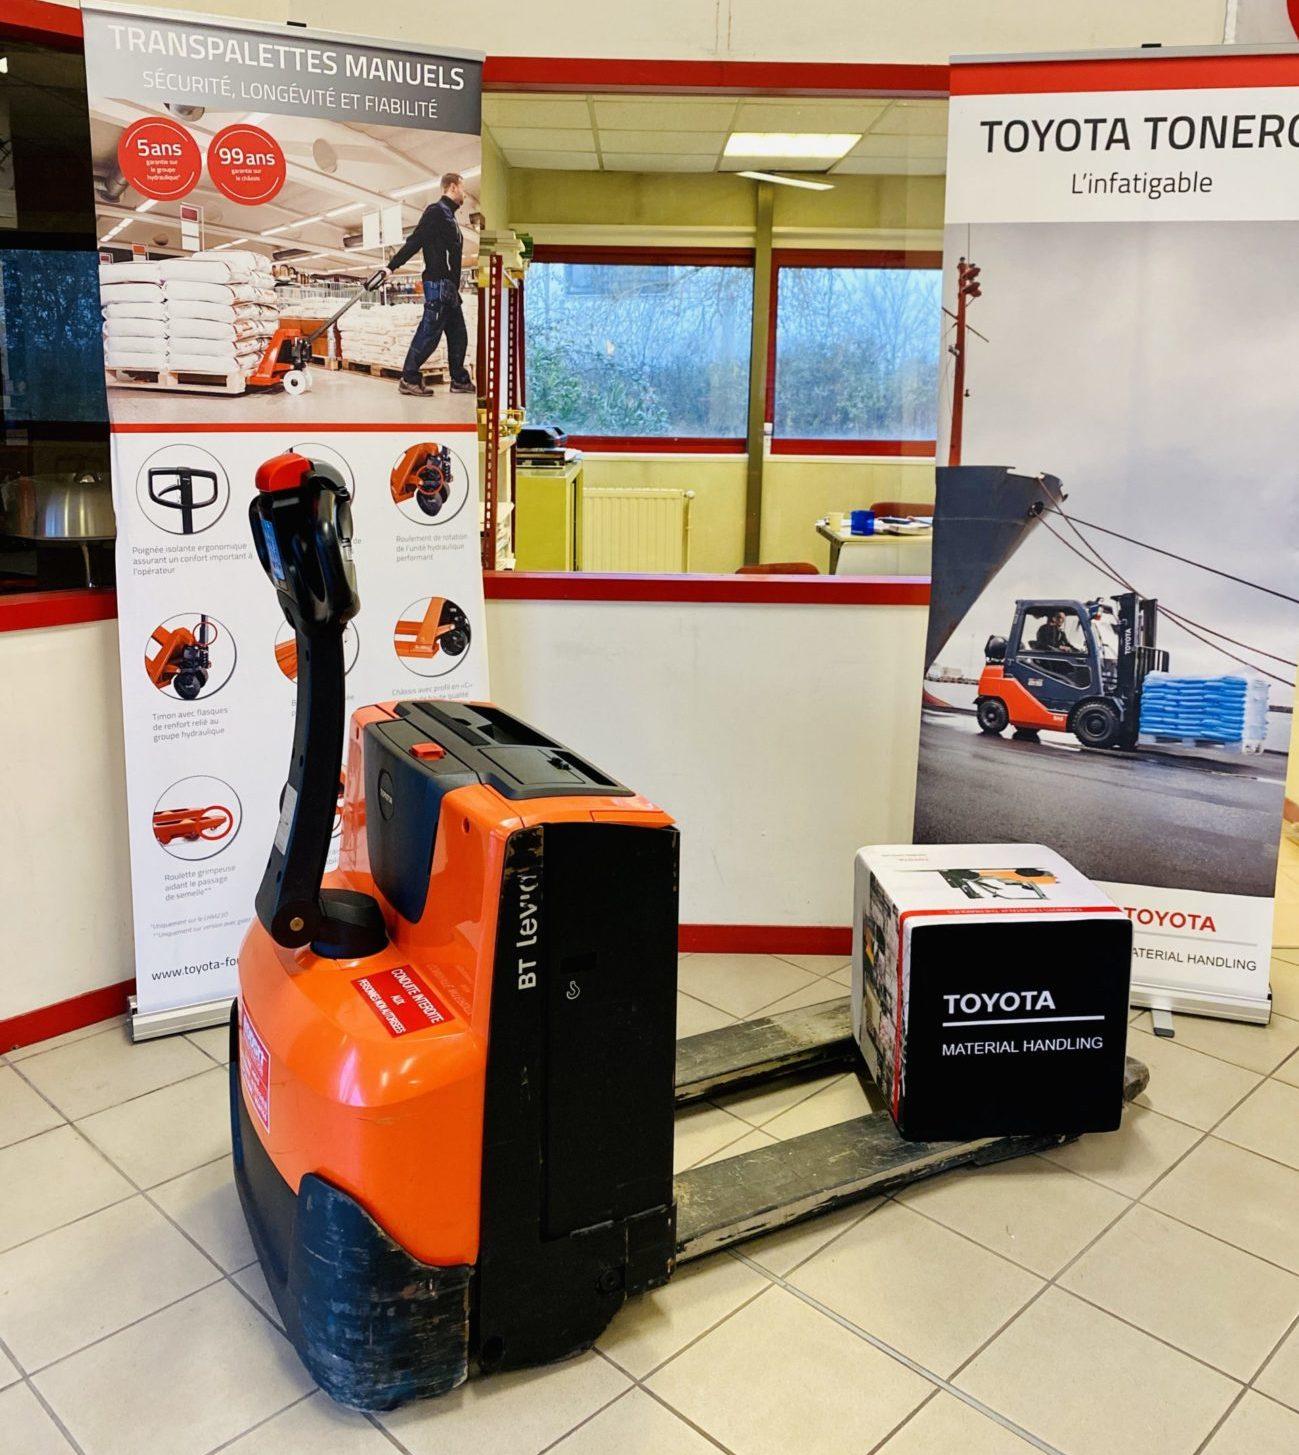 Transpalette électrique Toyota BT LWE160 photo 2